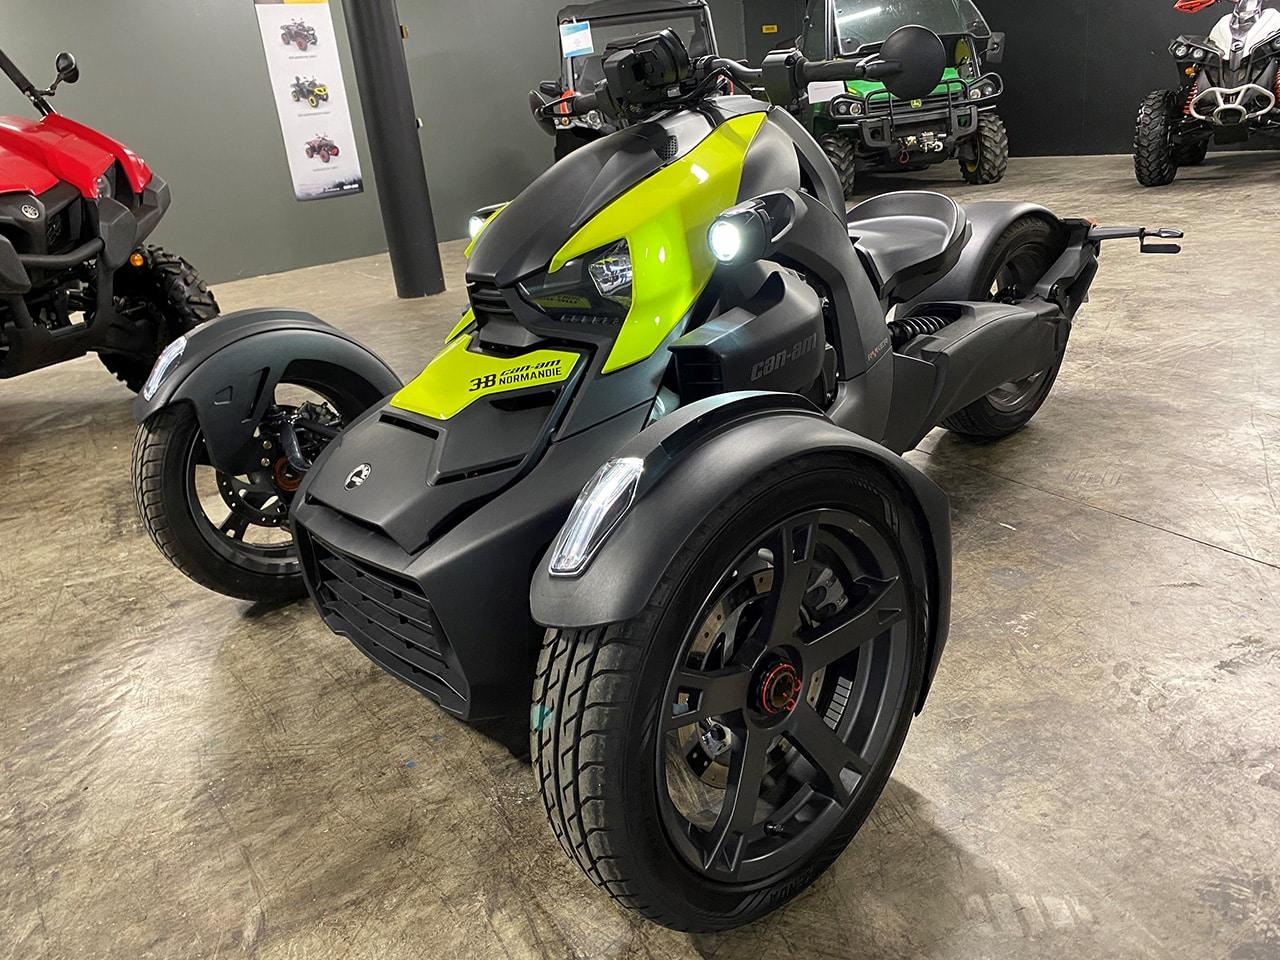 Ryker 600 Ace